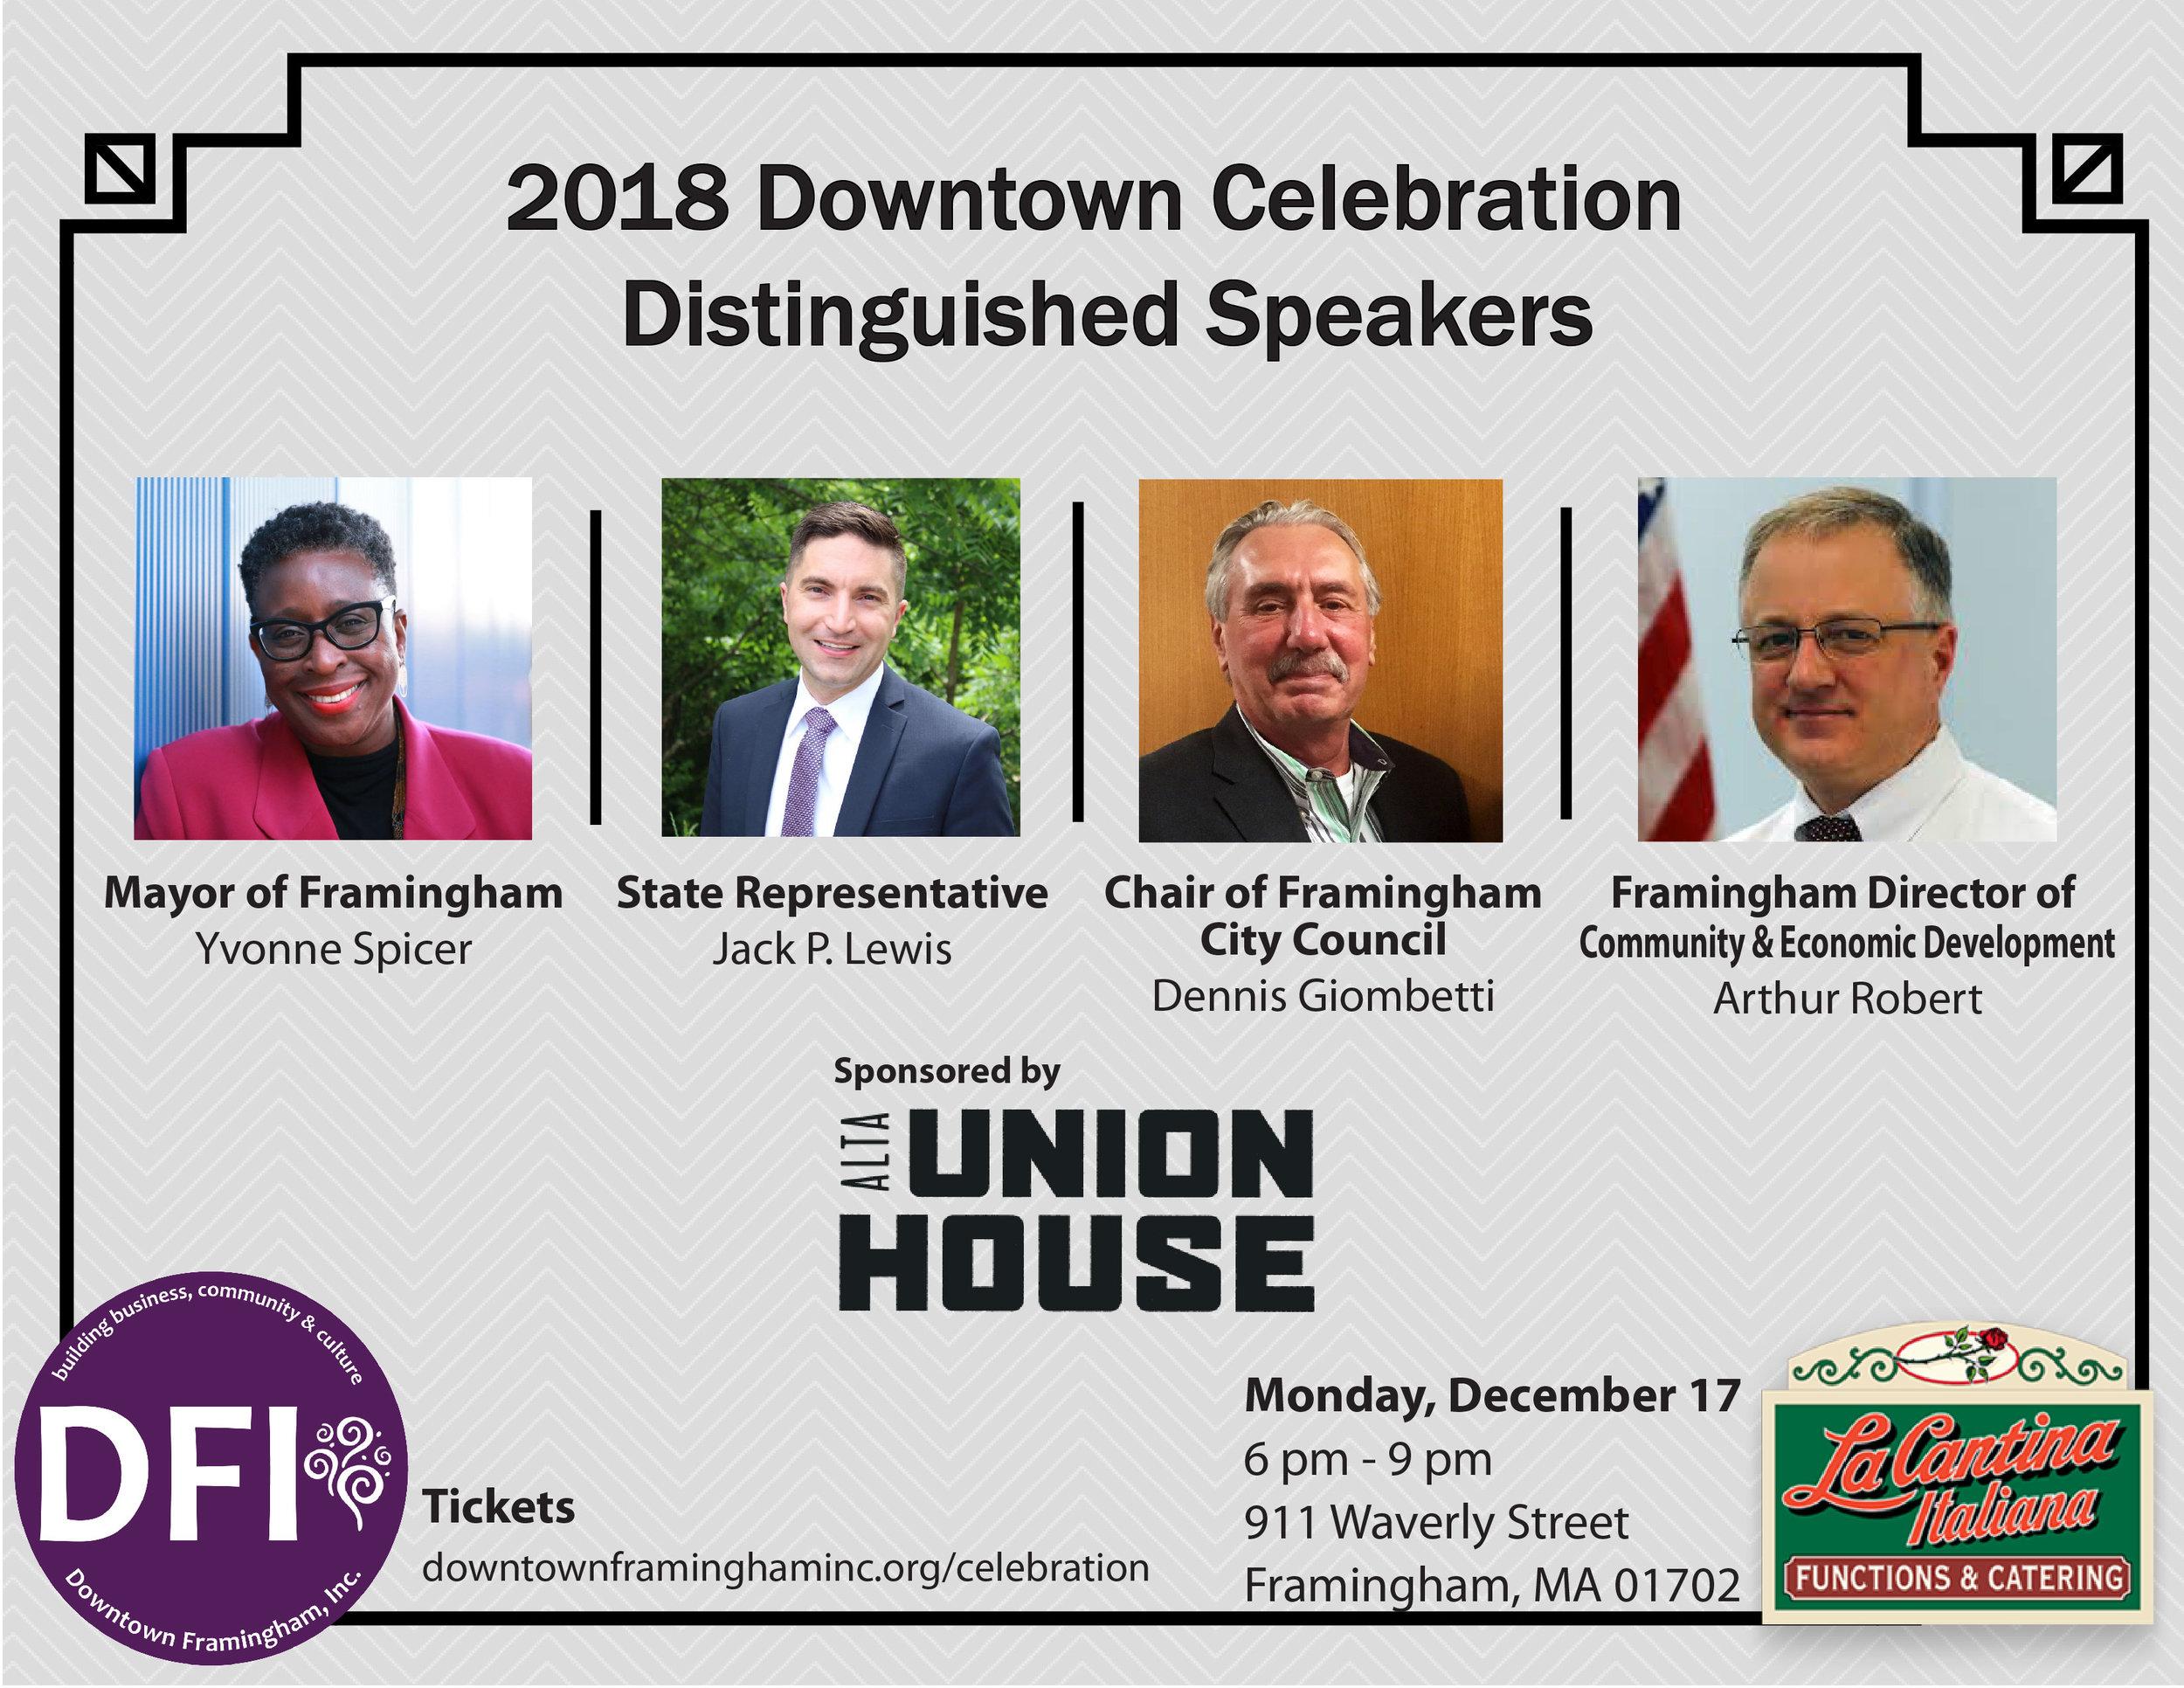 distinguished speakers flye1r-01.jpg